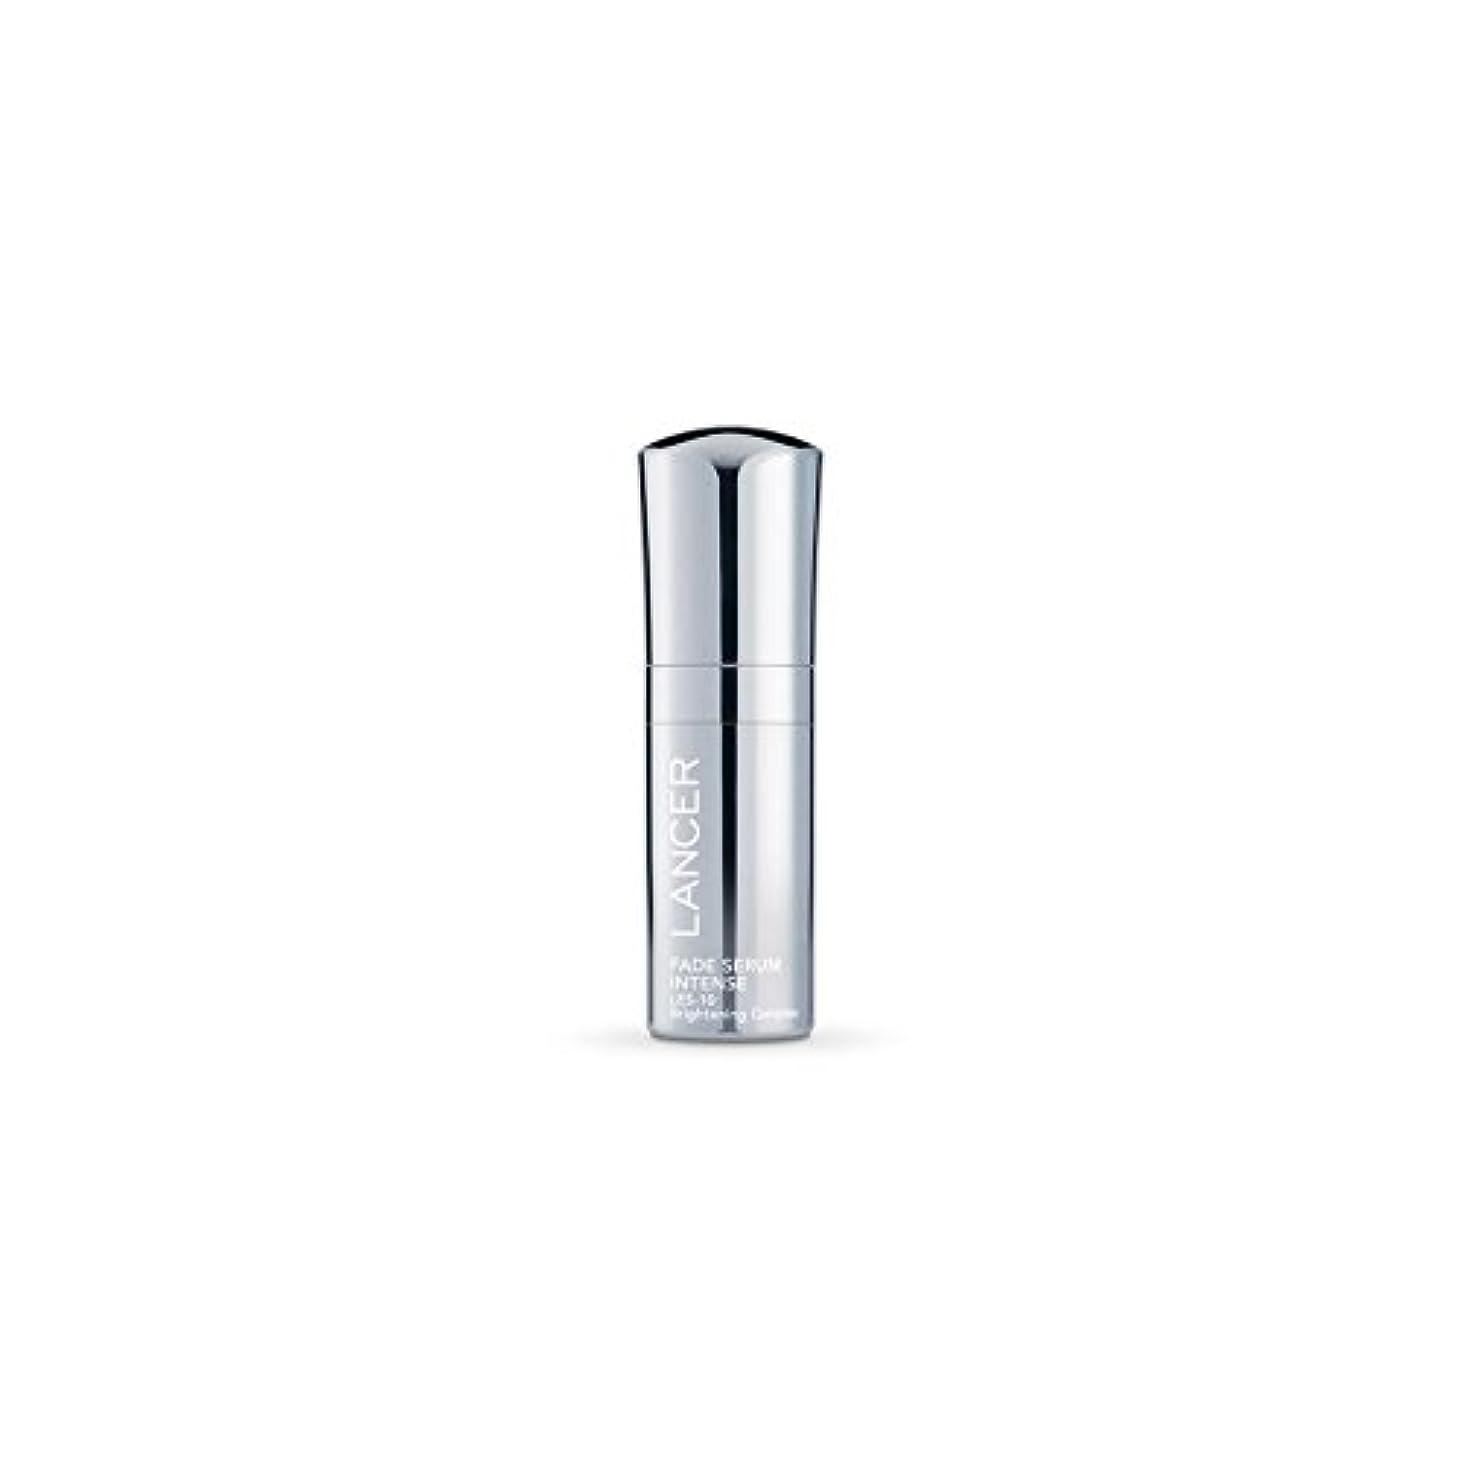 取り消す不安定な祈る強烈ランサースキンケアフェード血清(30ミリリットル) x2 - Lancer Skincare Fade Serum Intense (30ml) (Pack of 2) [並行輸入品]